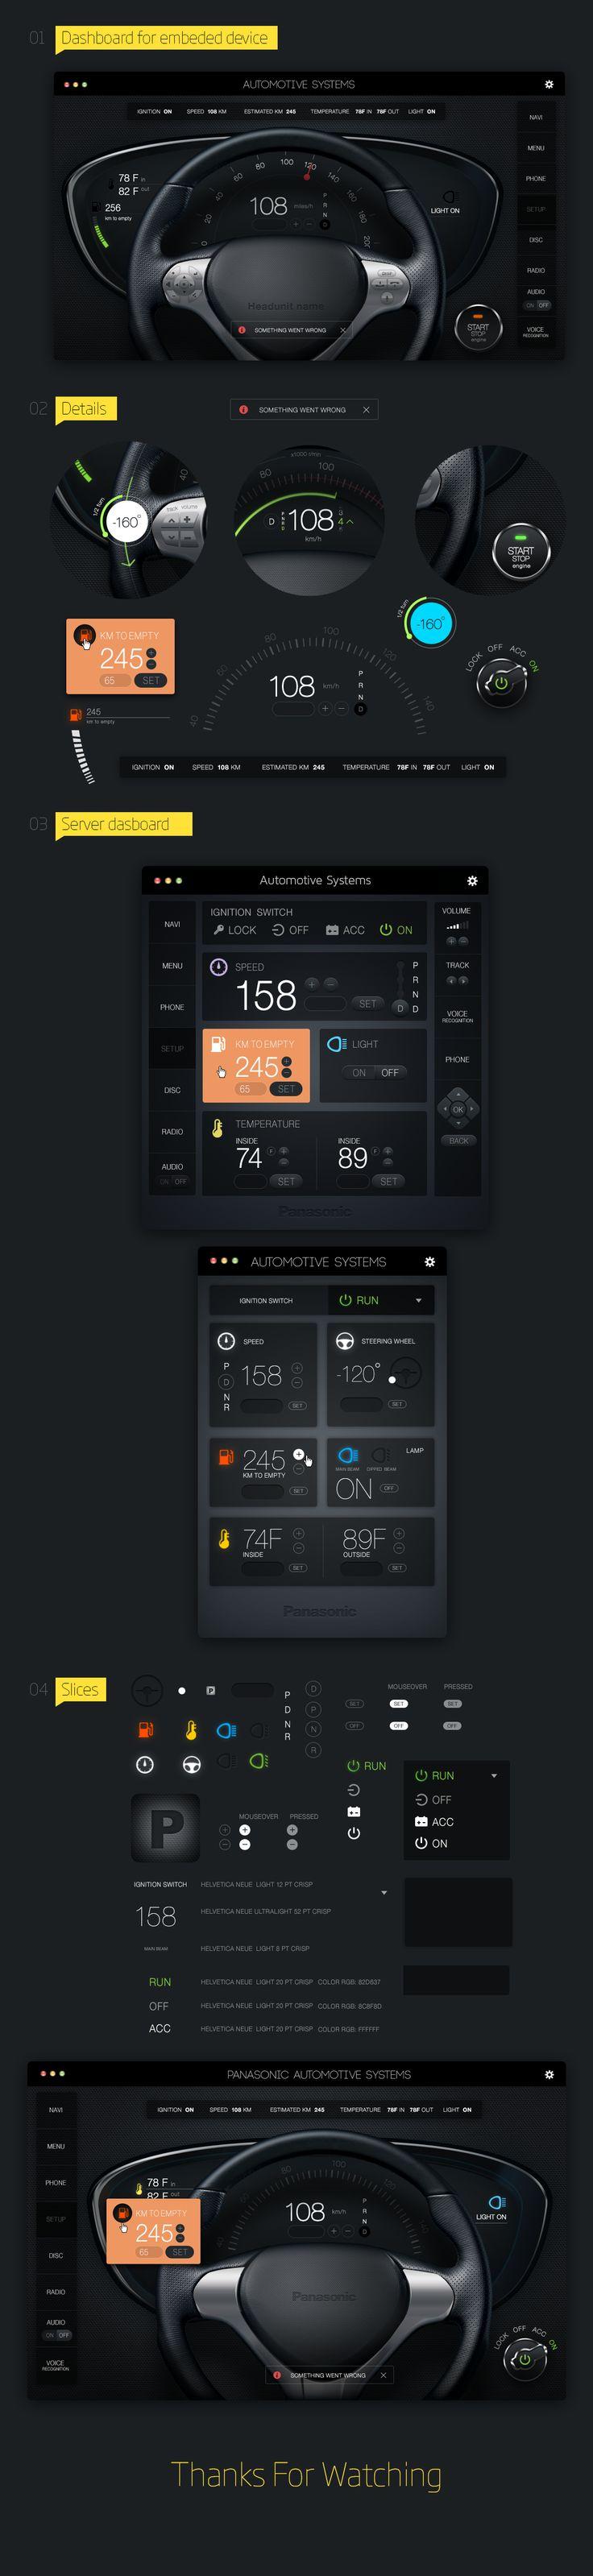 工控类软件界面设计欣赏之一